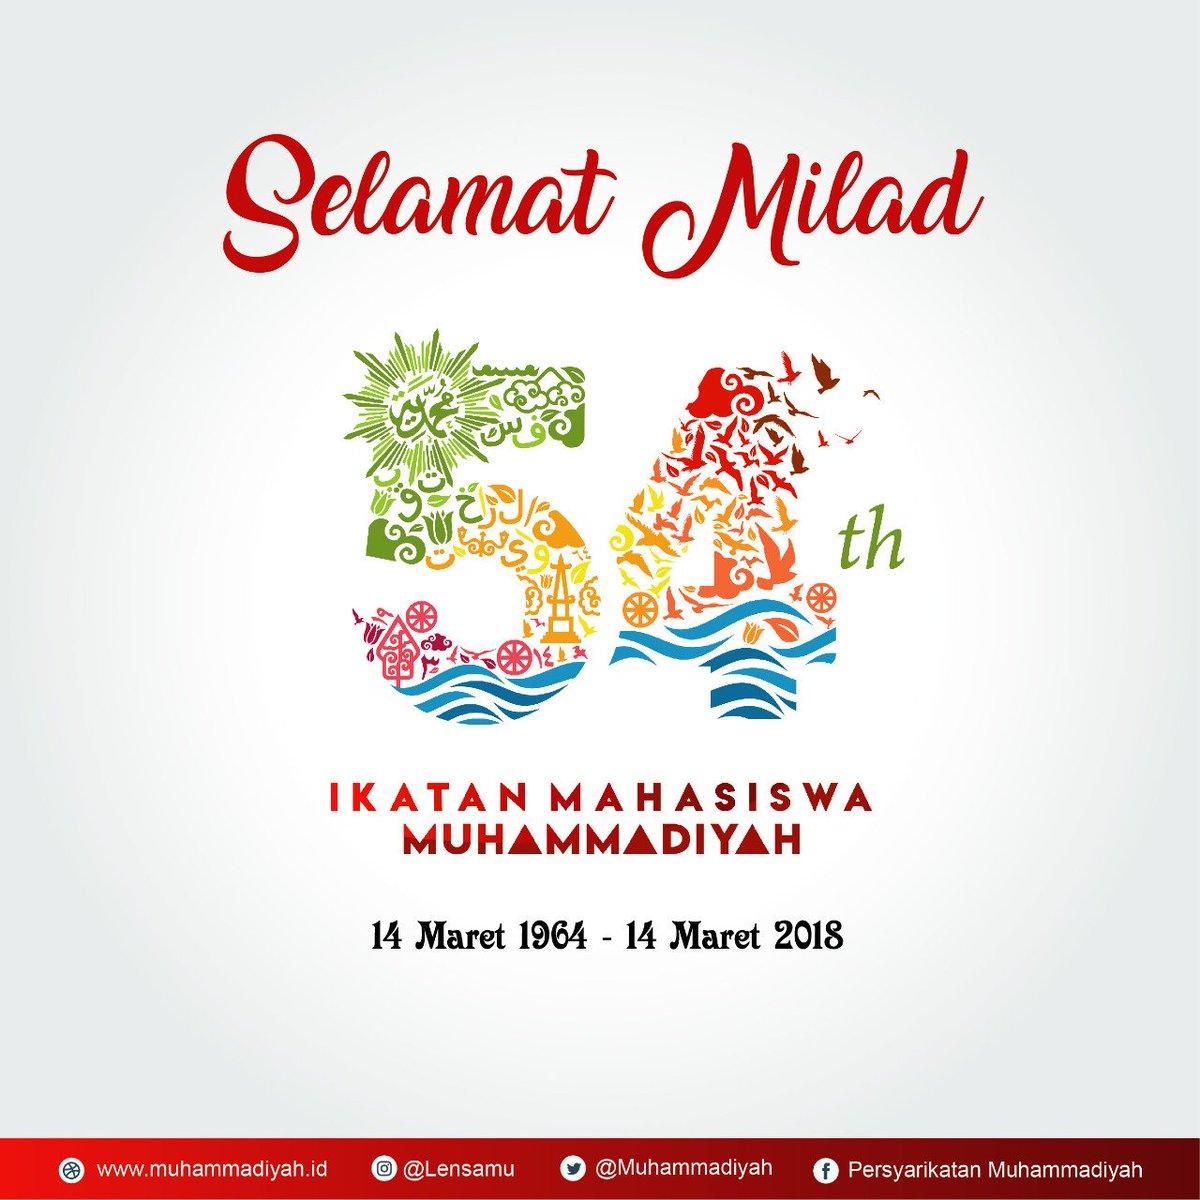 Muhammadiyah در توییتر